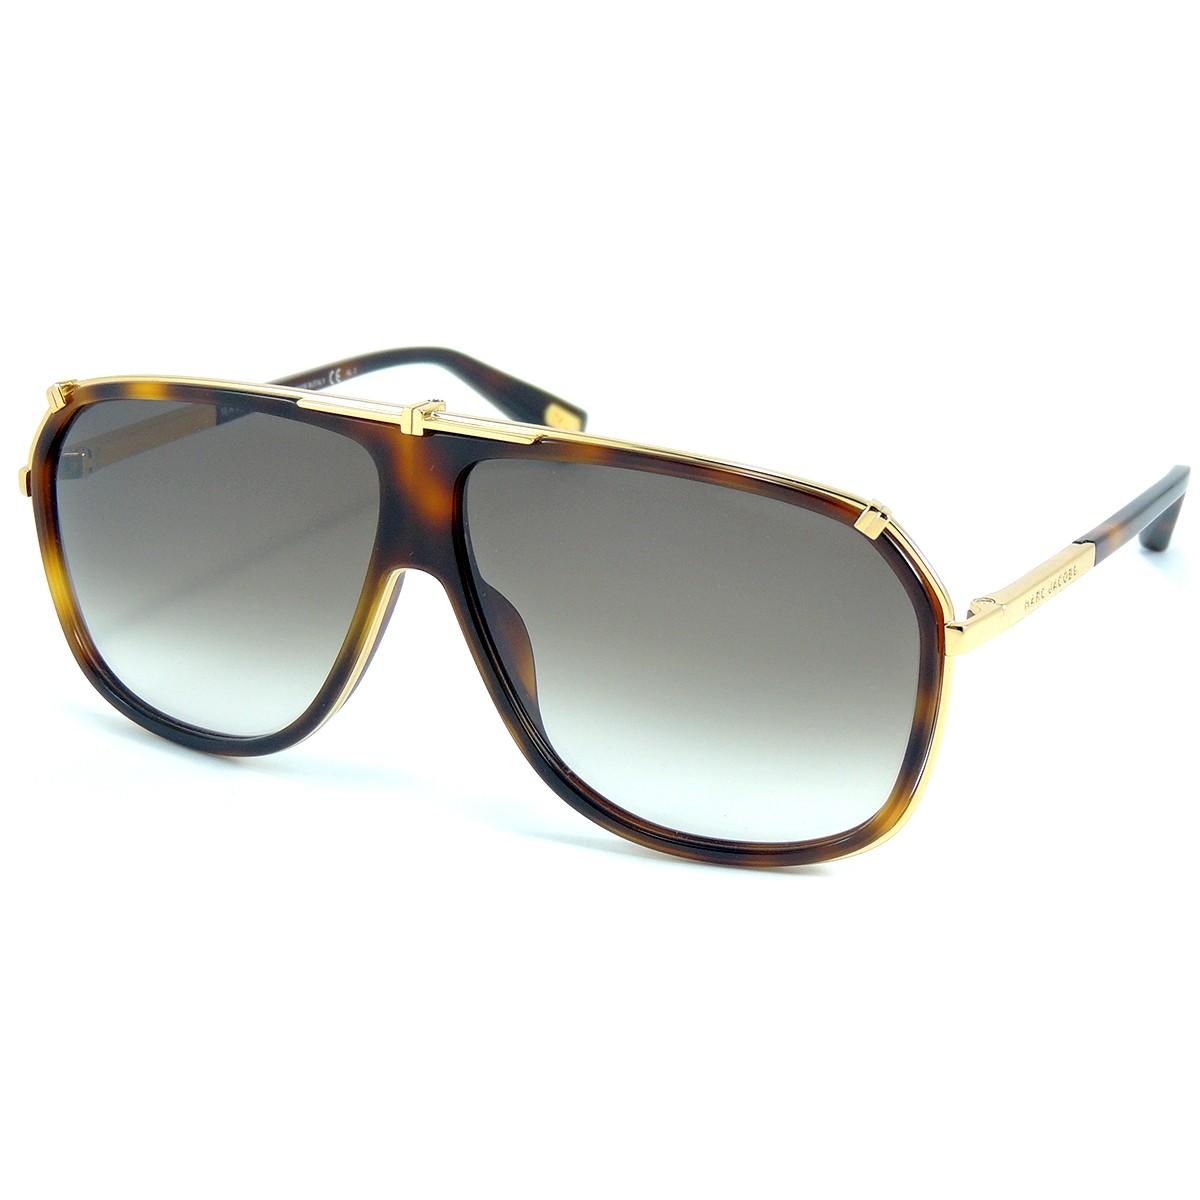 7789e3763b161 Óculos de Sol Marc Jacobs